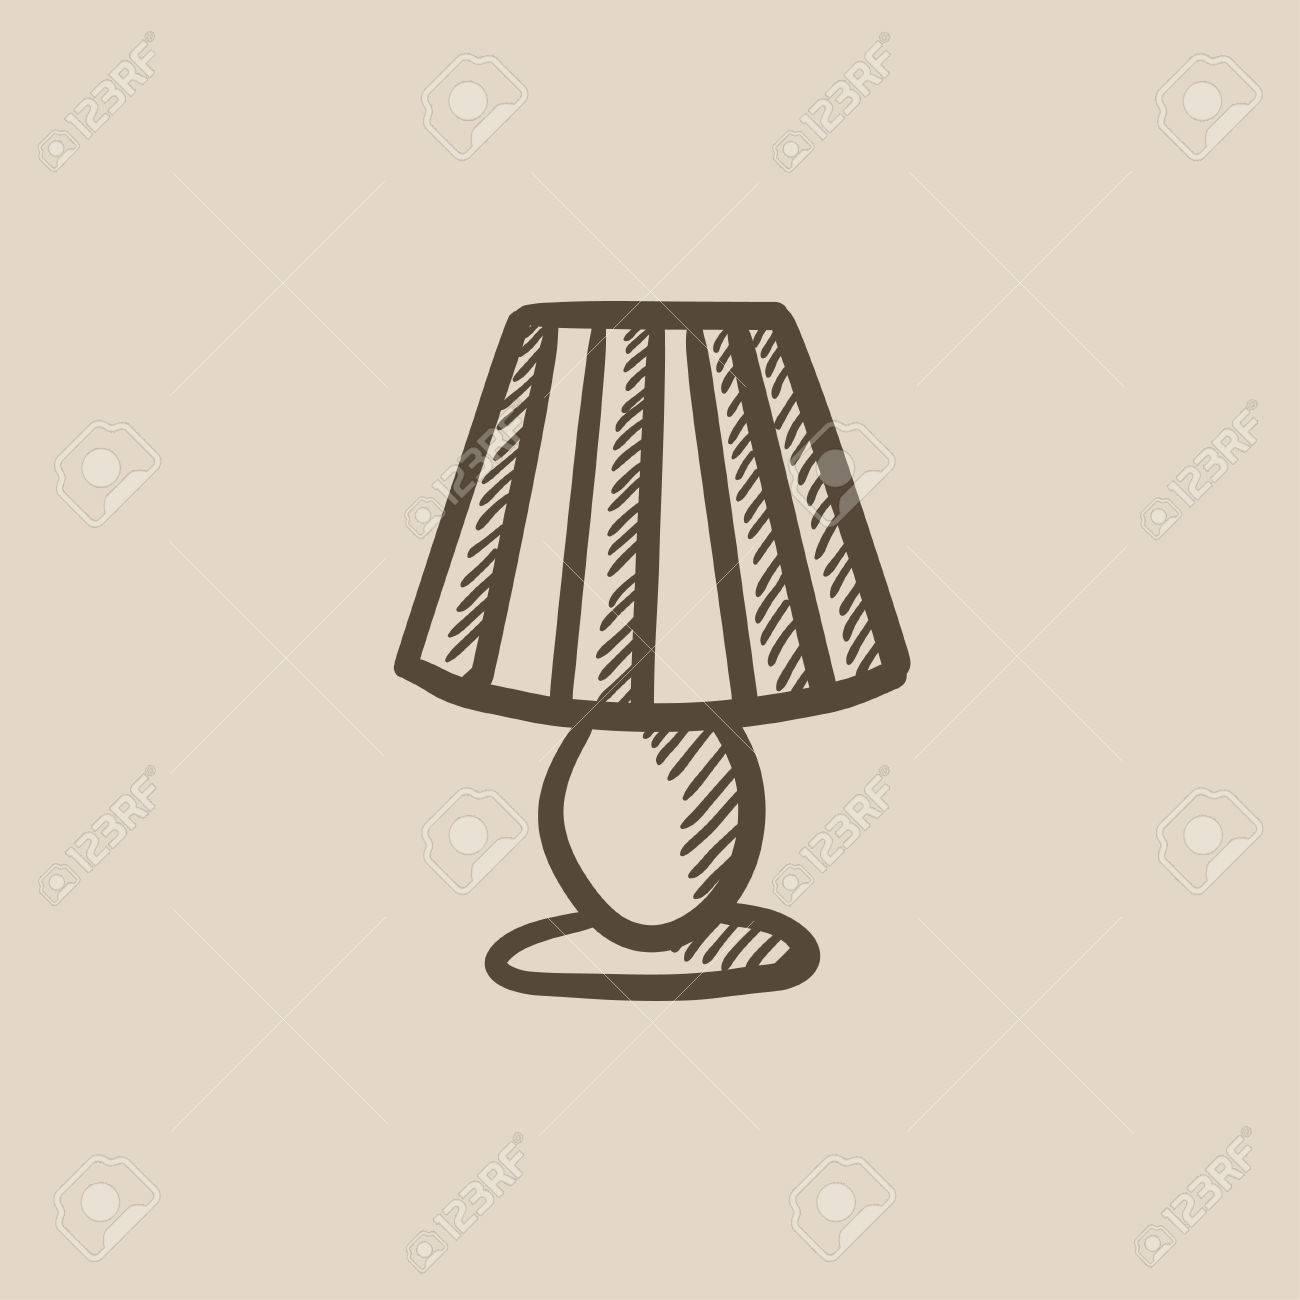 Tischlampe gezeichnet  Tischlampe Vektor Skizze Symbol Auf Hintergrund Isoliert ...